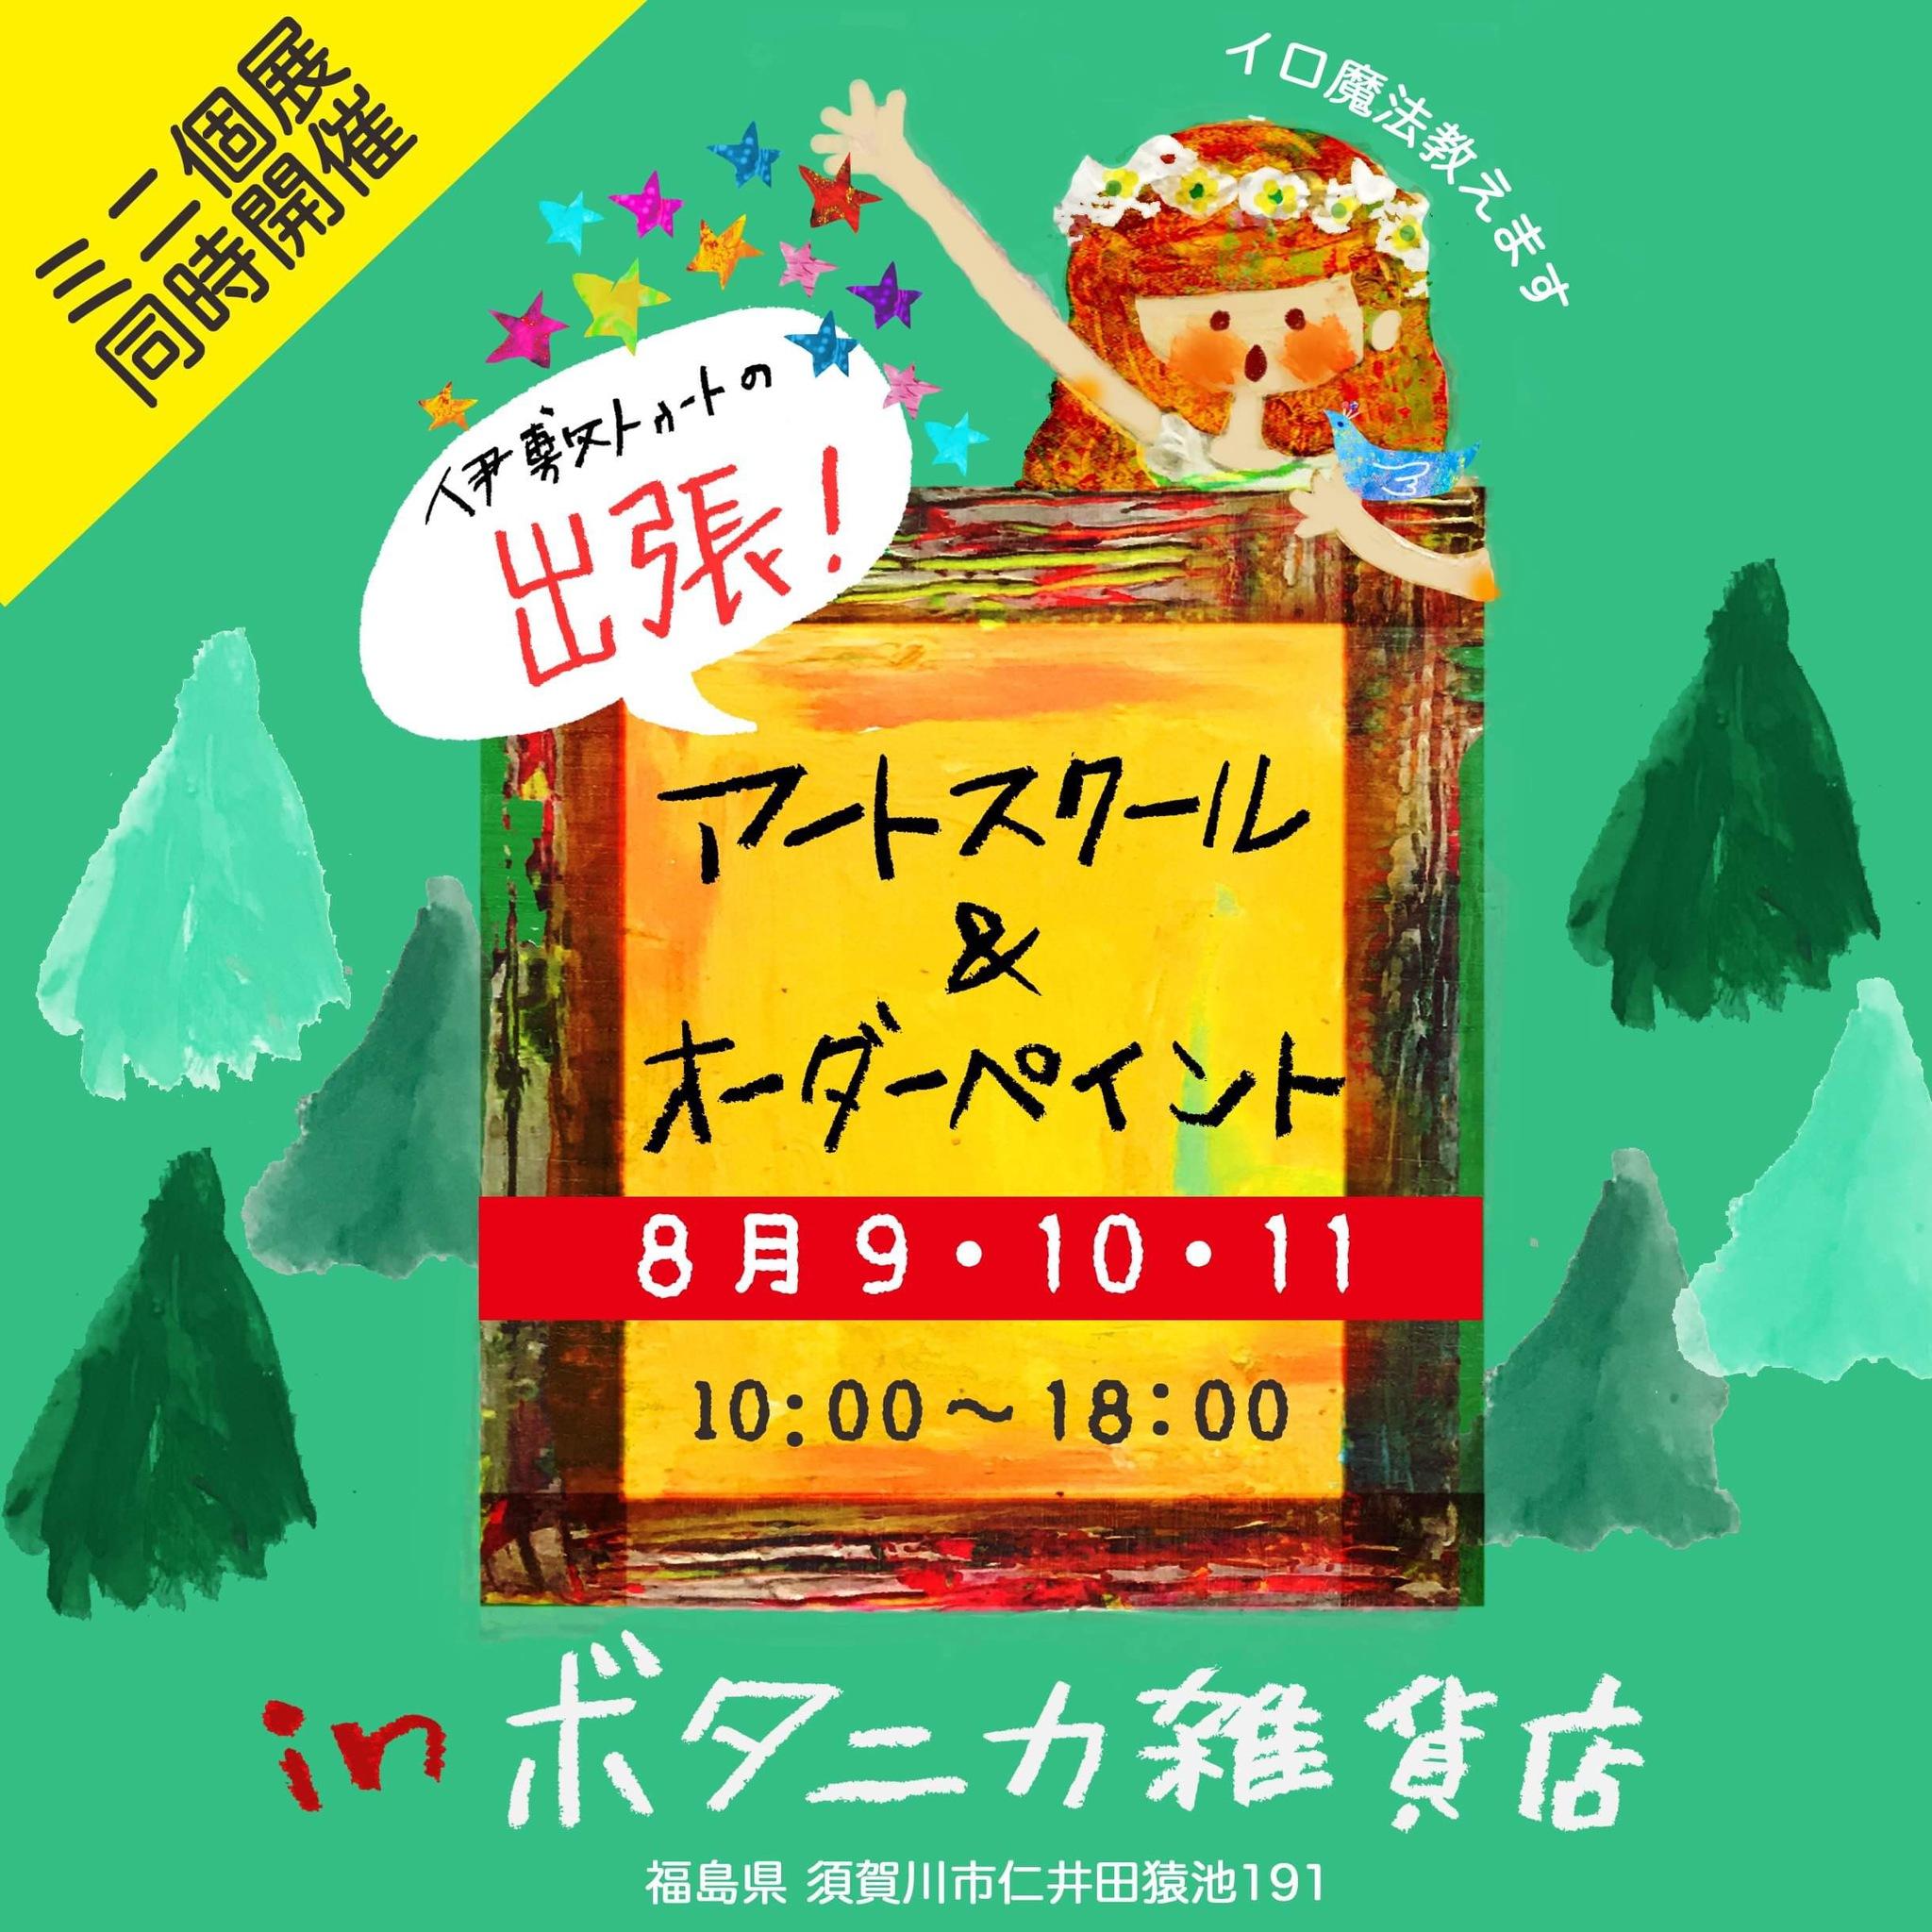 ◆ 夏休みワークショップのお知らせ ◆